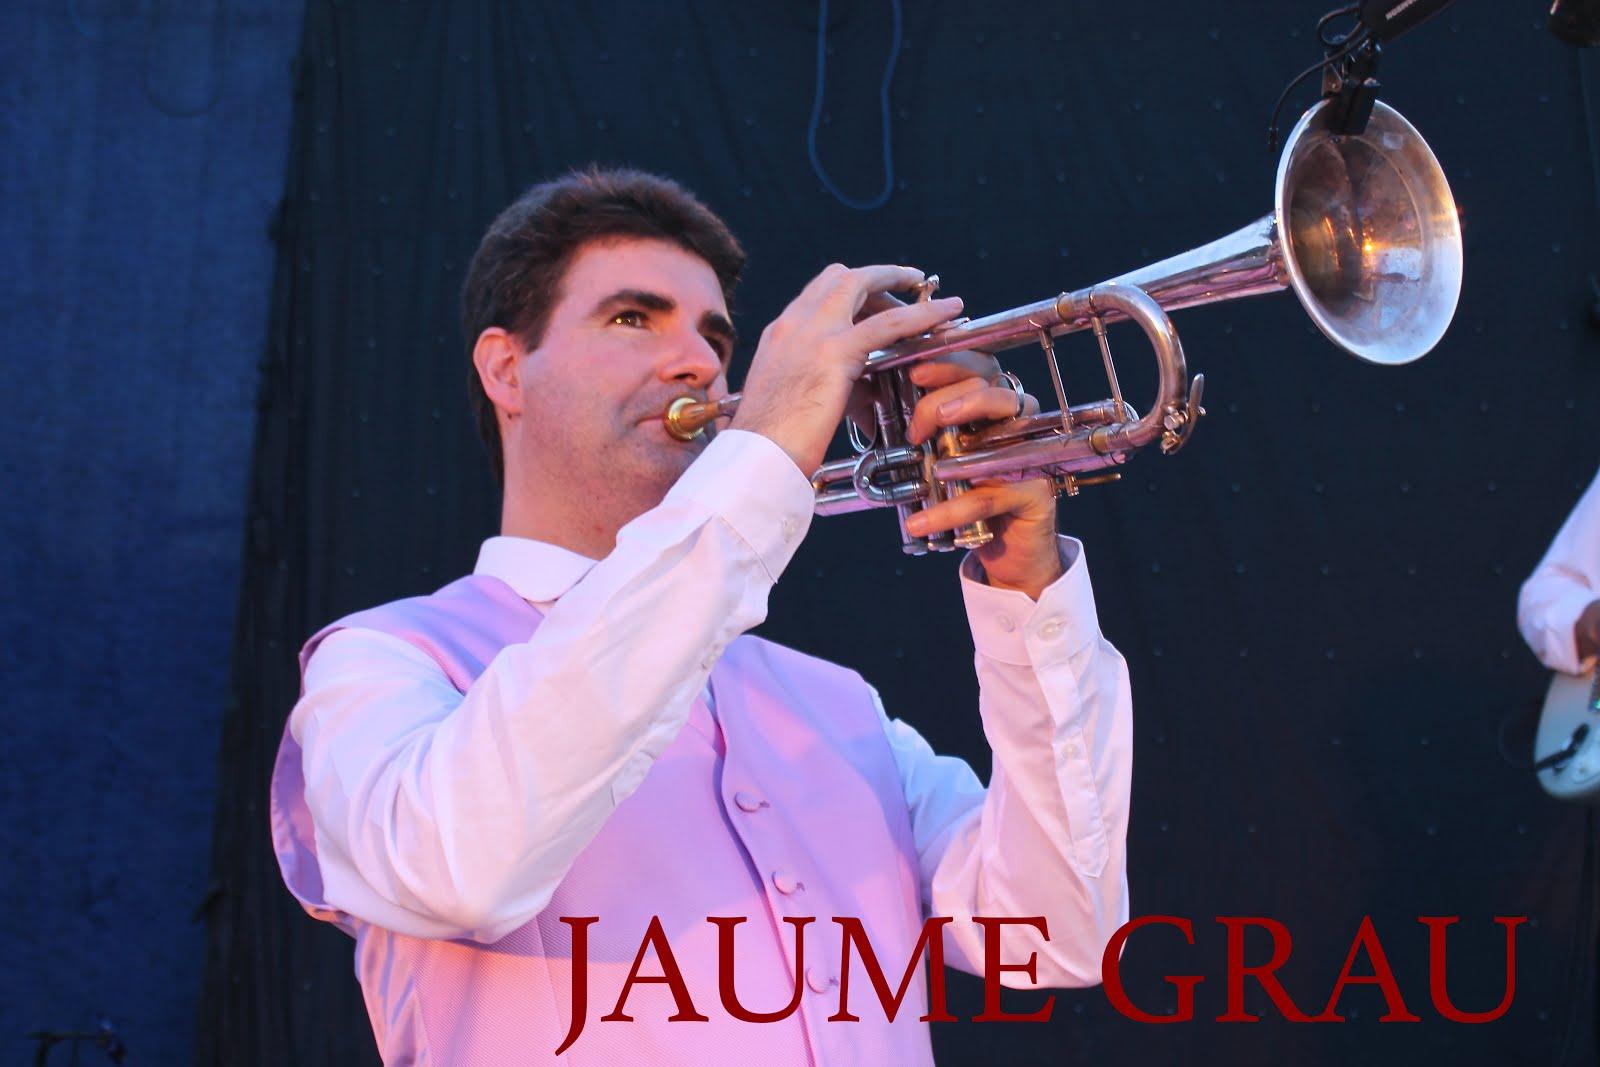 Jaume Grau